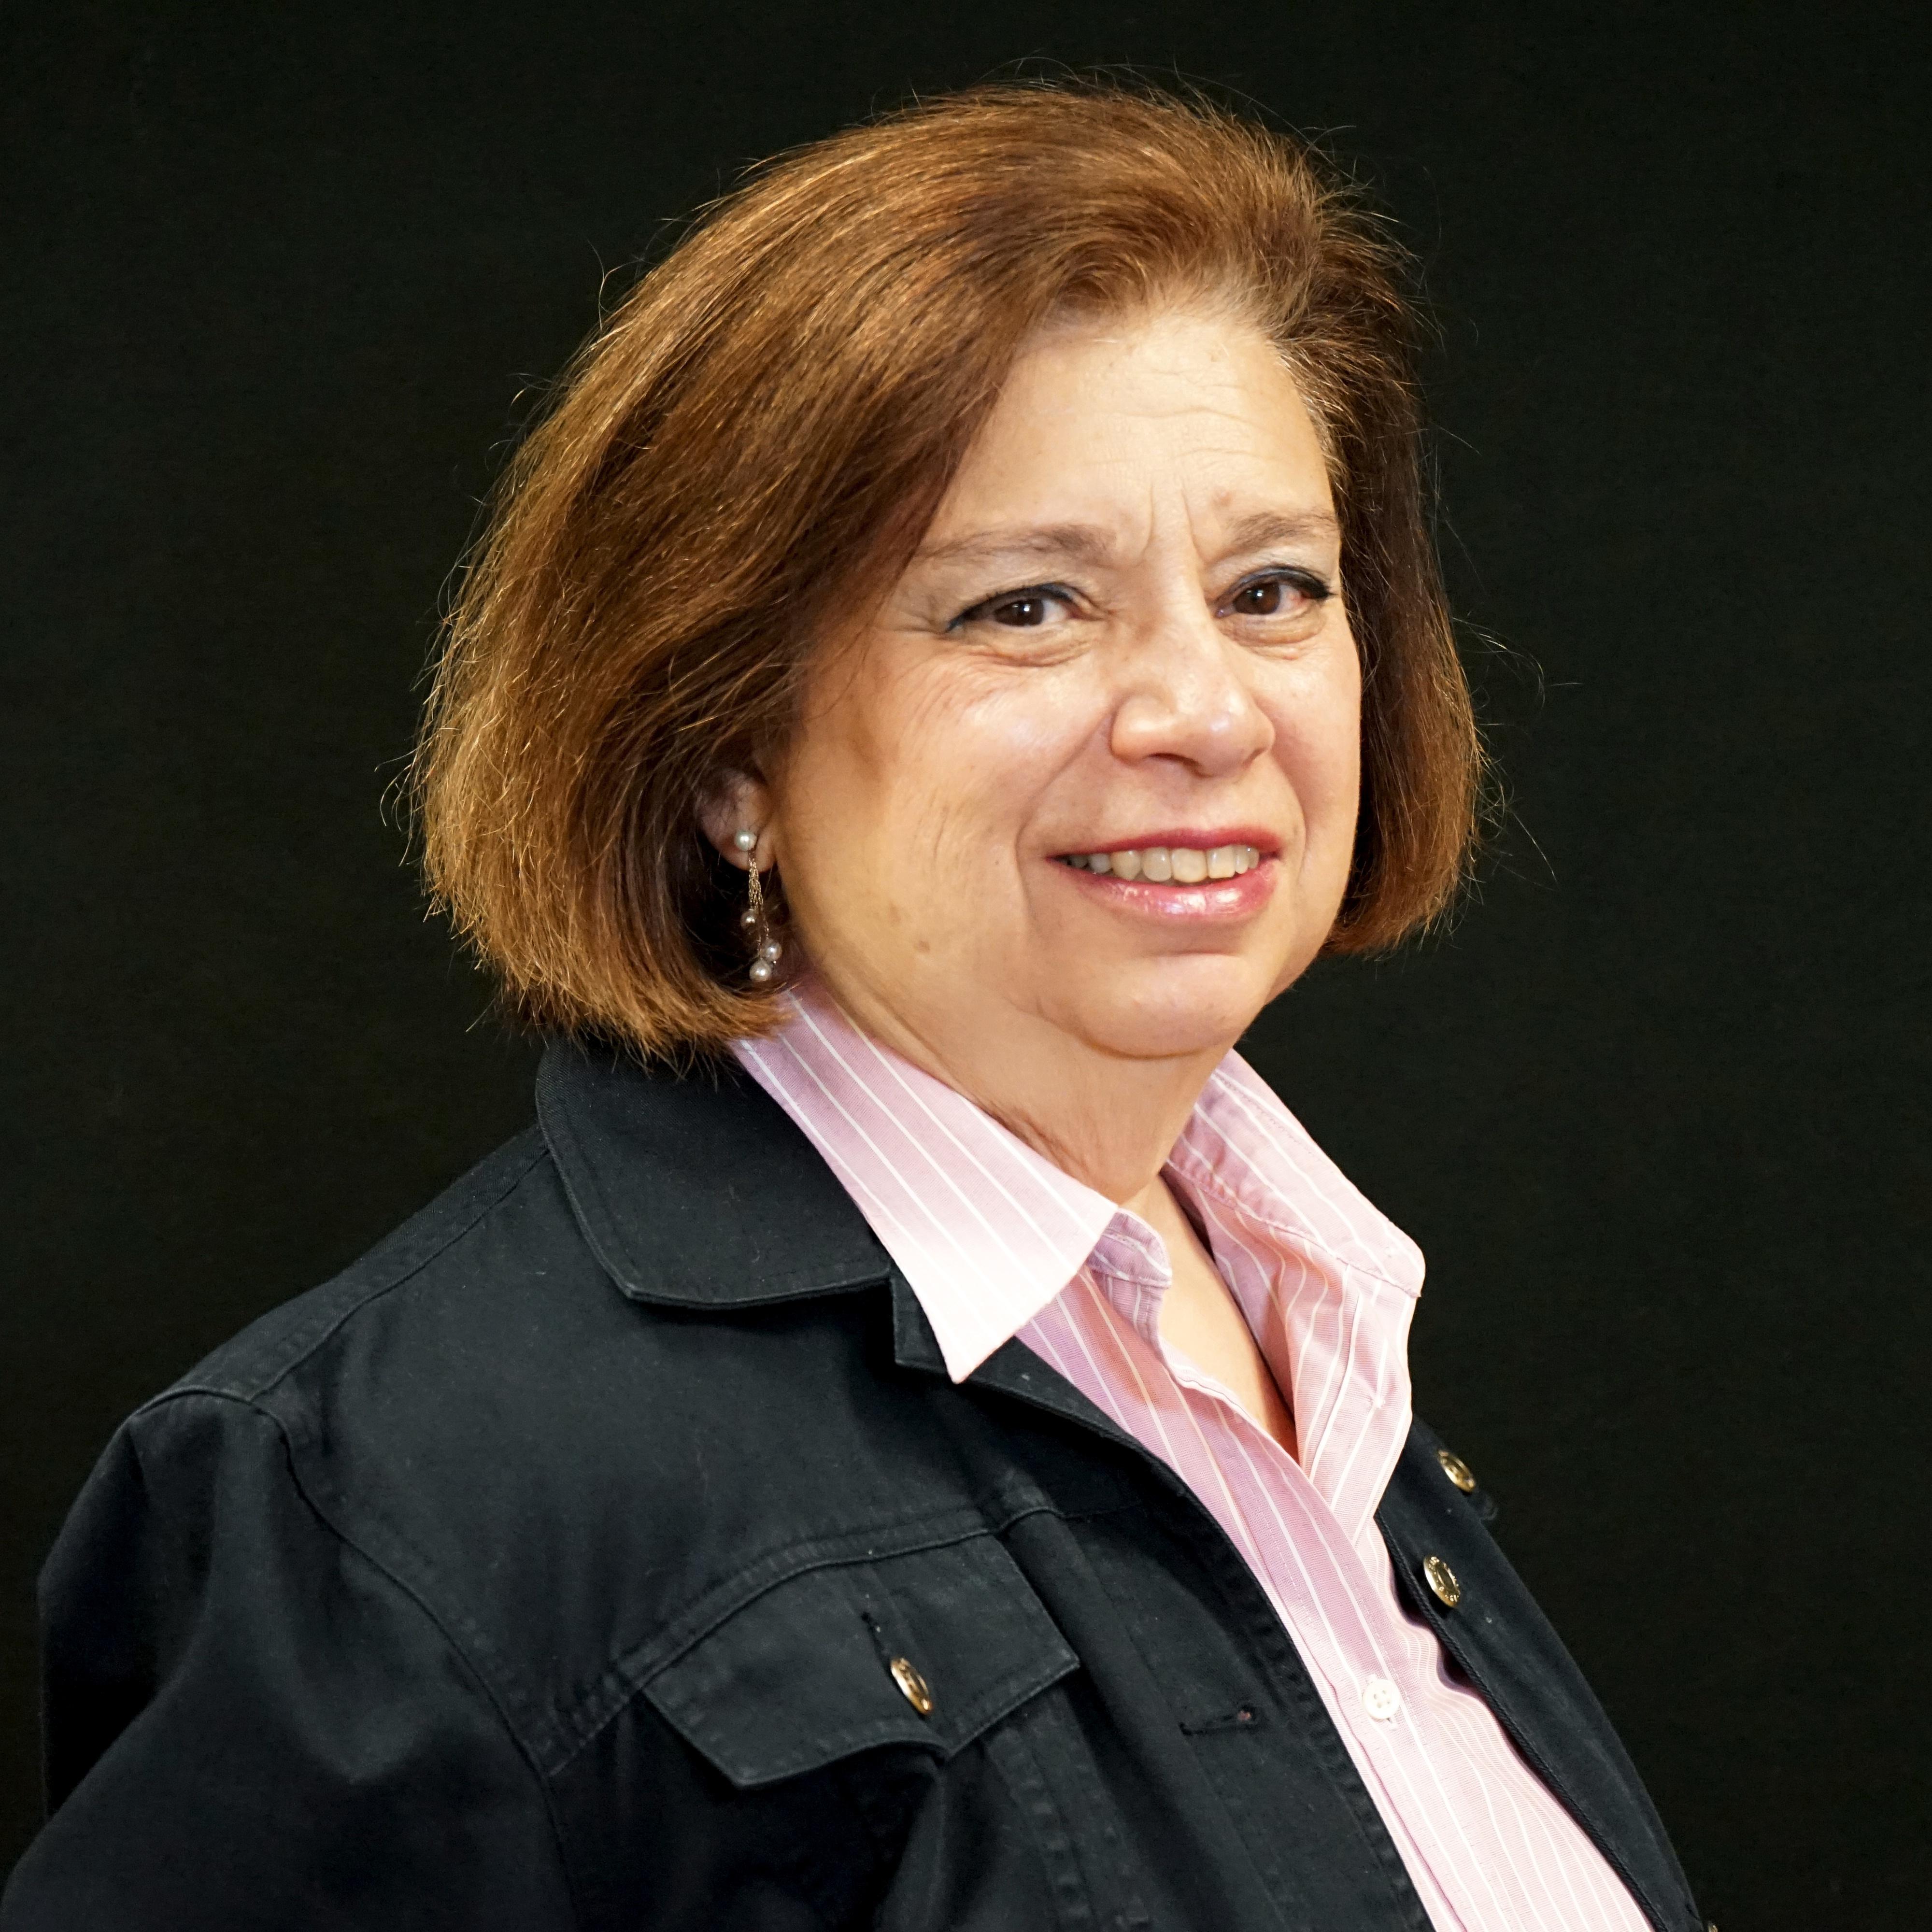 Susan Moschella, RN, MS